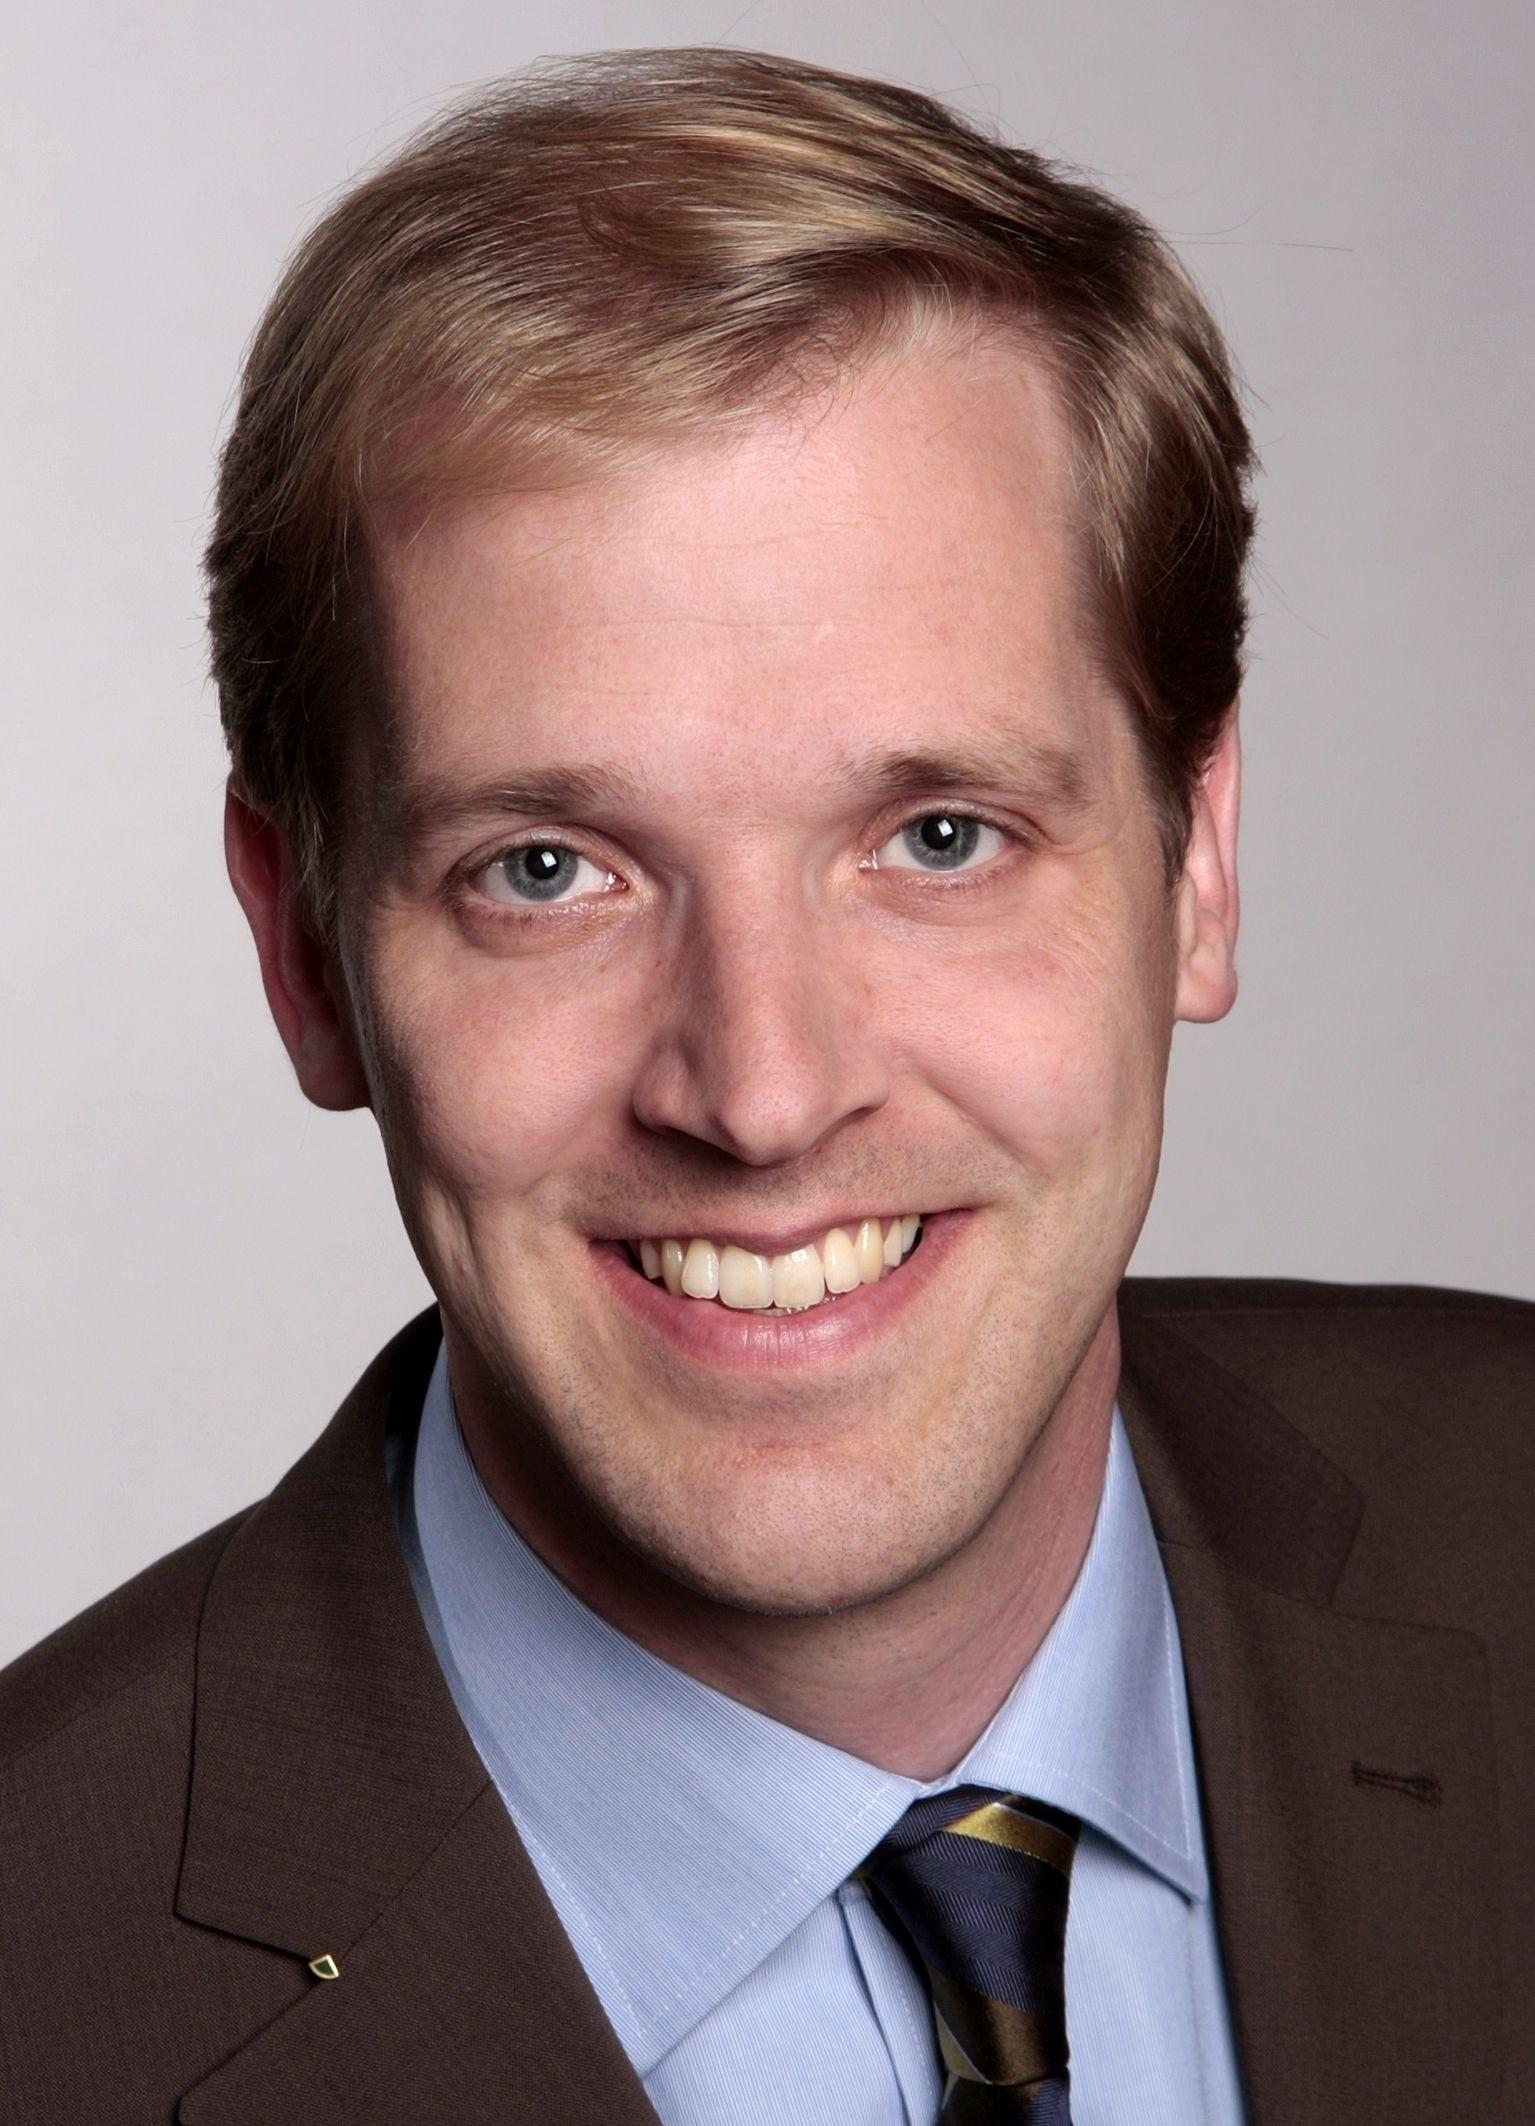 Landrat Dr. Christian Schulze Pellengahr zieht nach einem Jahr im Amt eine positive Bilanz